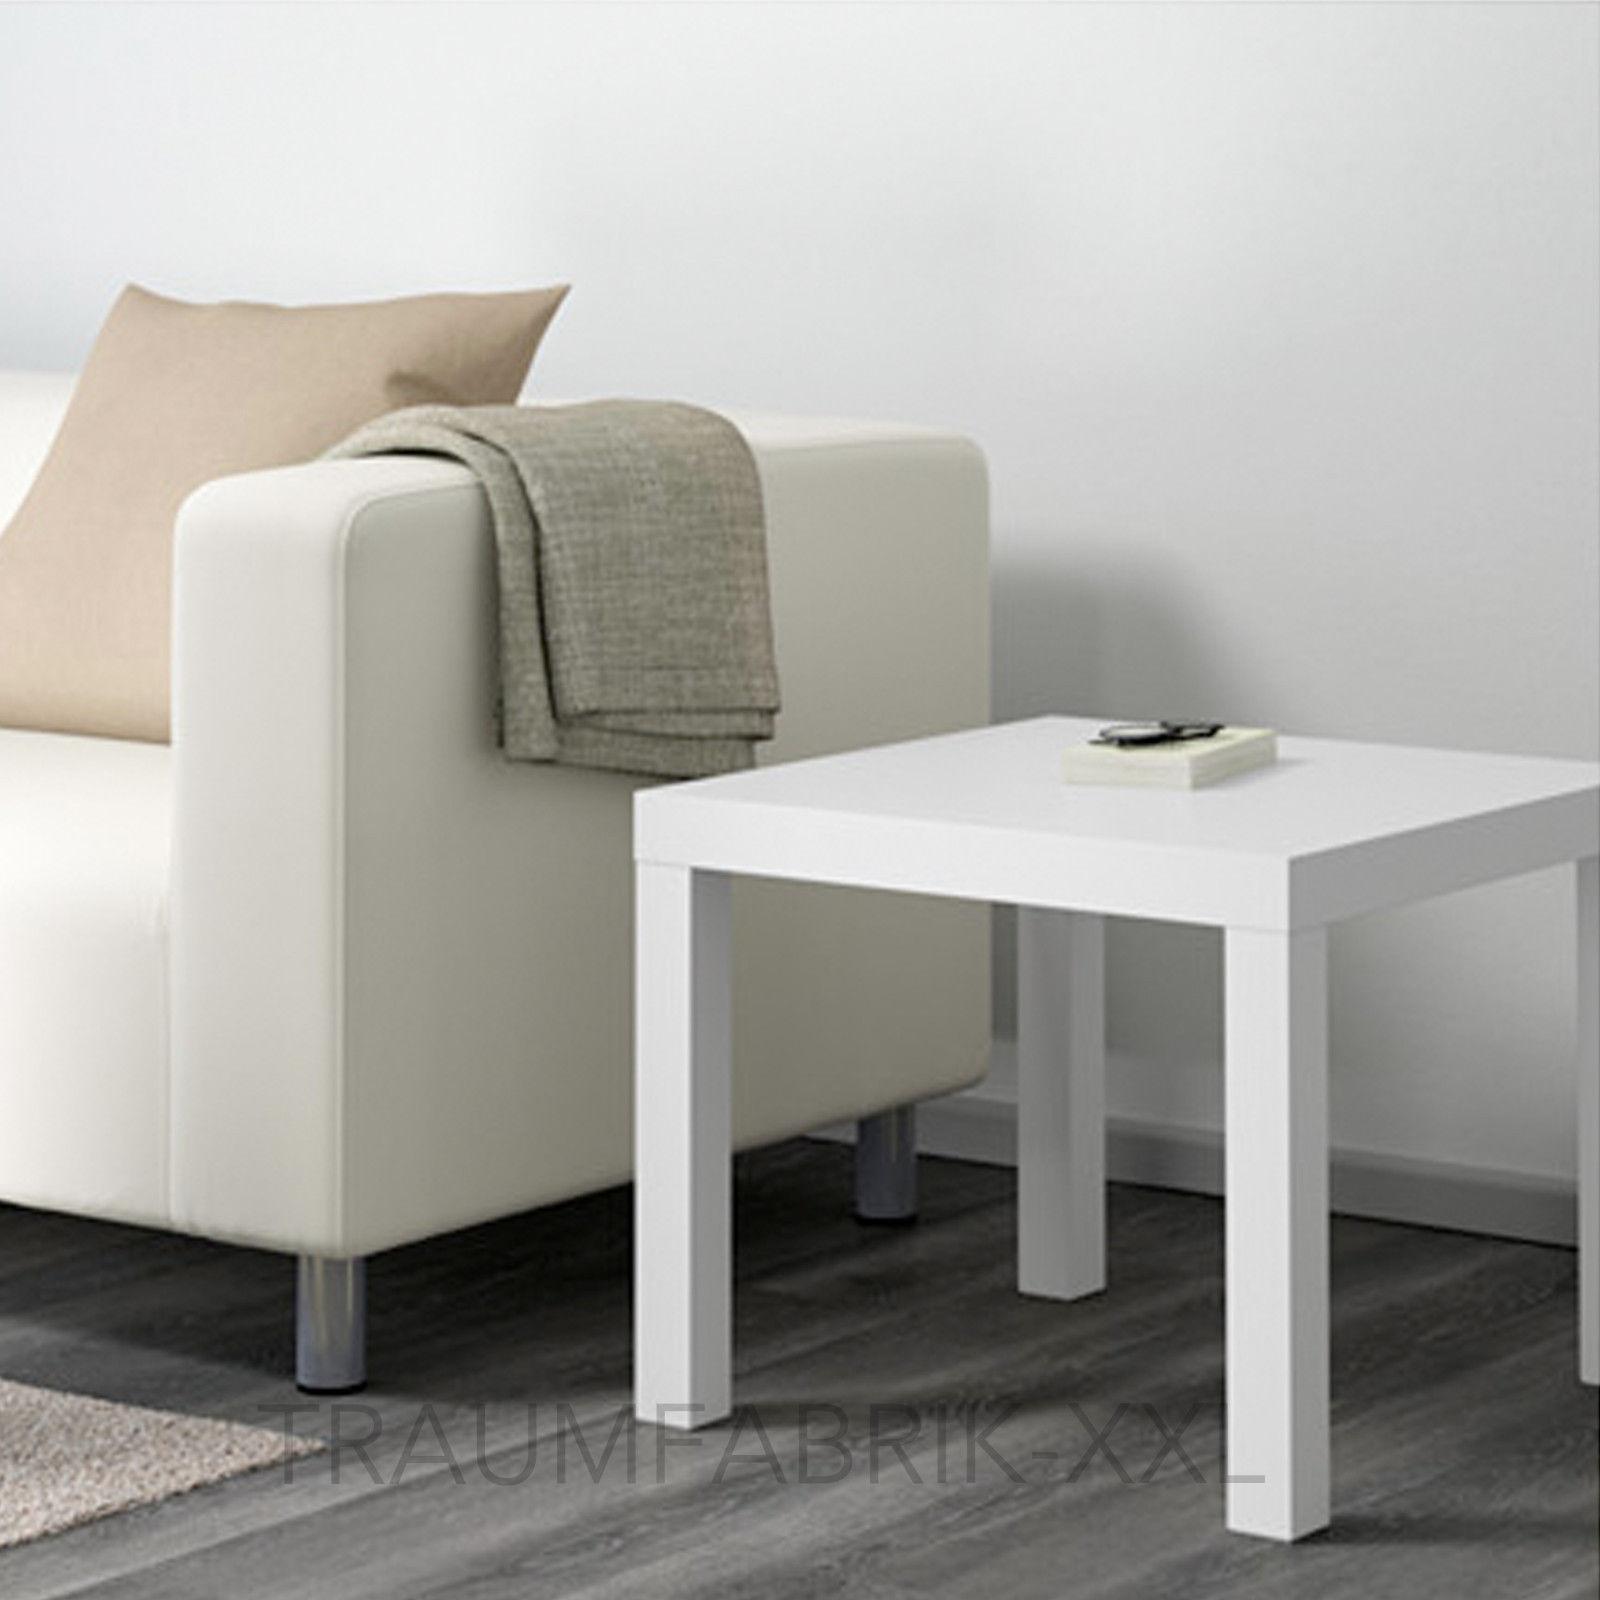 Küche Beistelltisch Ikea Ikea Lack Tisch Mit Glasplatte